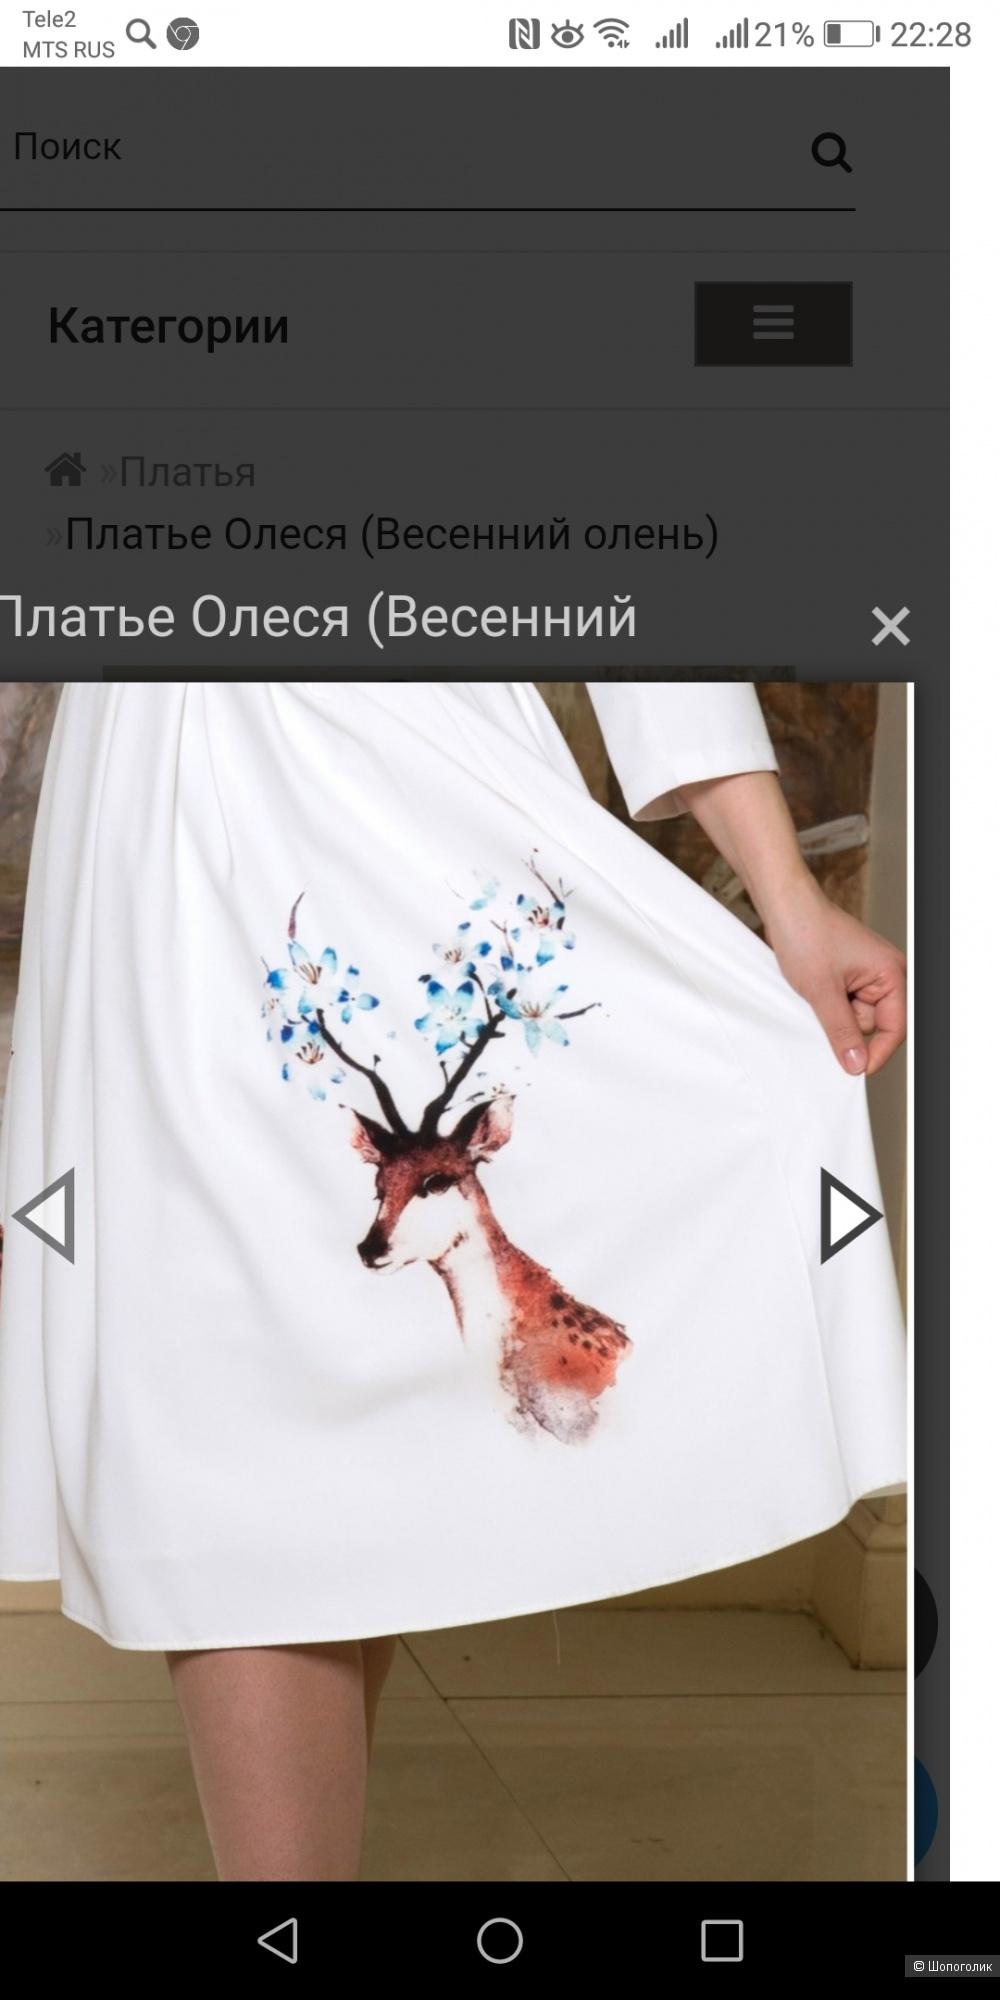 Платье Олеся, российский дизайнер Мария Браславская, размер 42-44